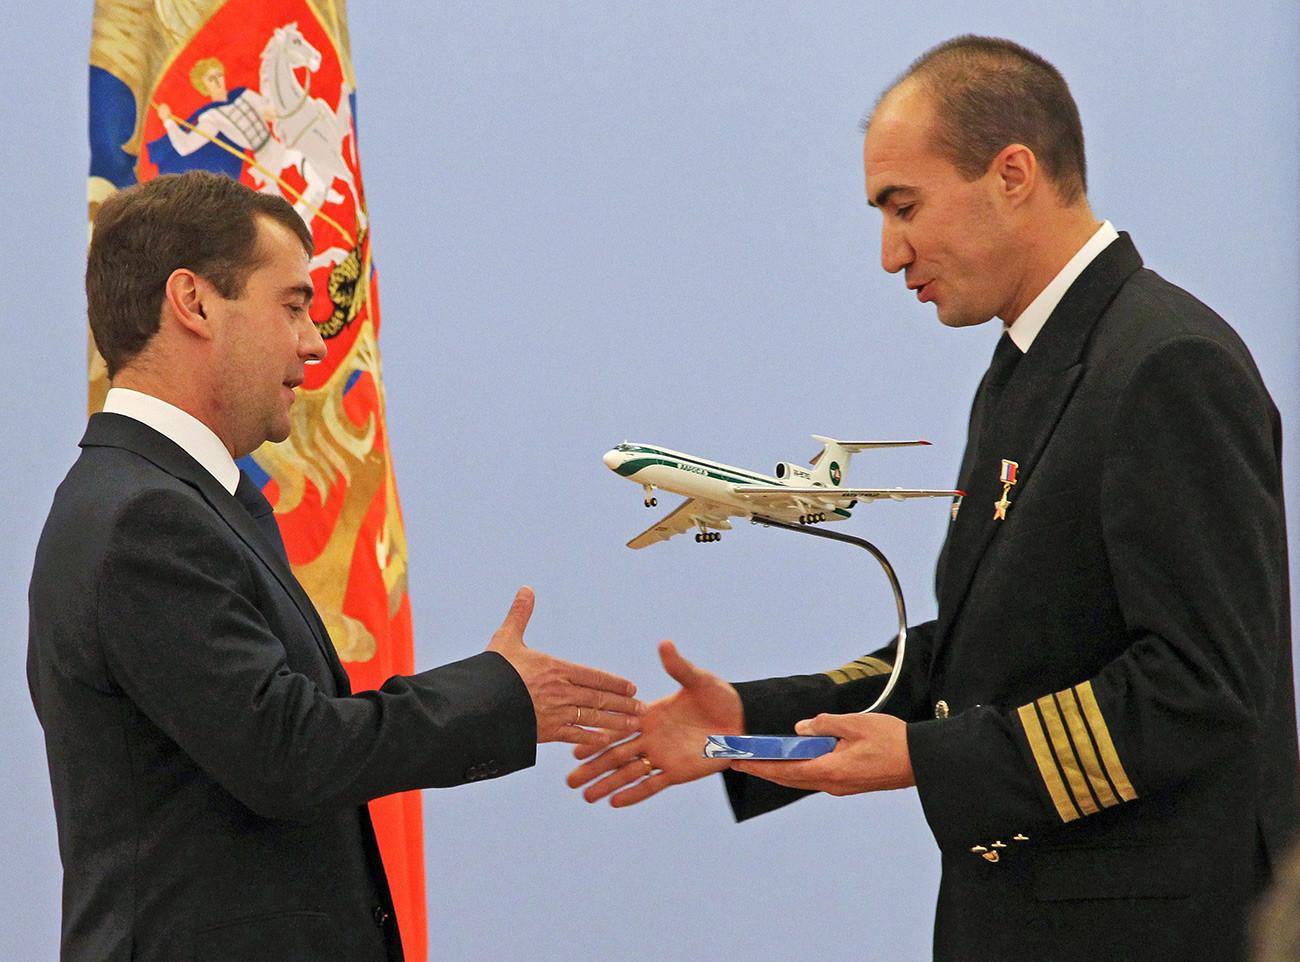 Predsjednik Rusije Dmitrij Medvedev čestita kapetanu zrakoplova Tu-154 Jevgeniju Novosjolovu, koji je nagrađen zvanjem Heroja Rusije.